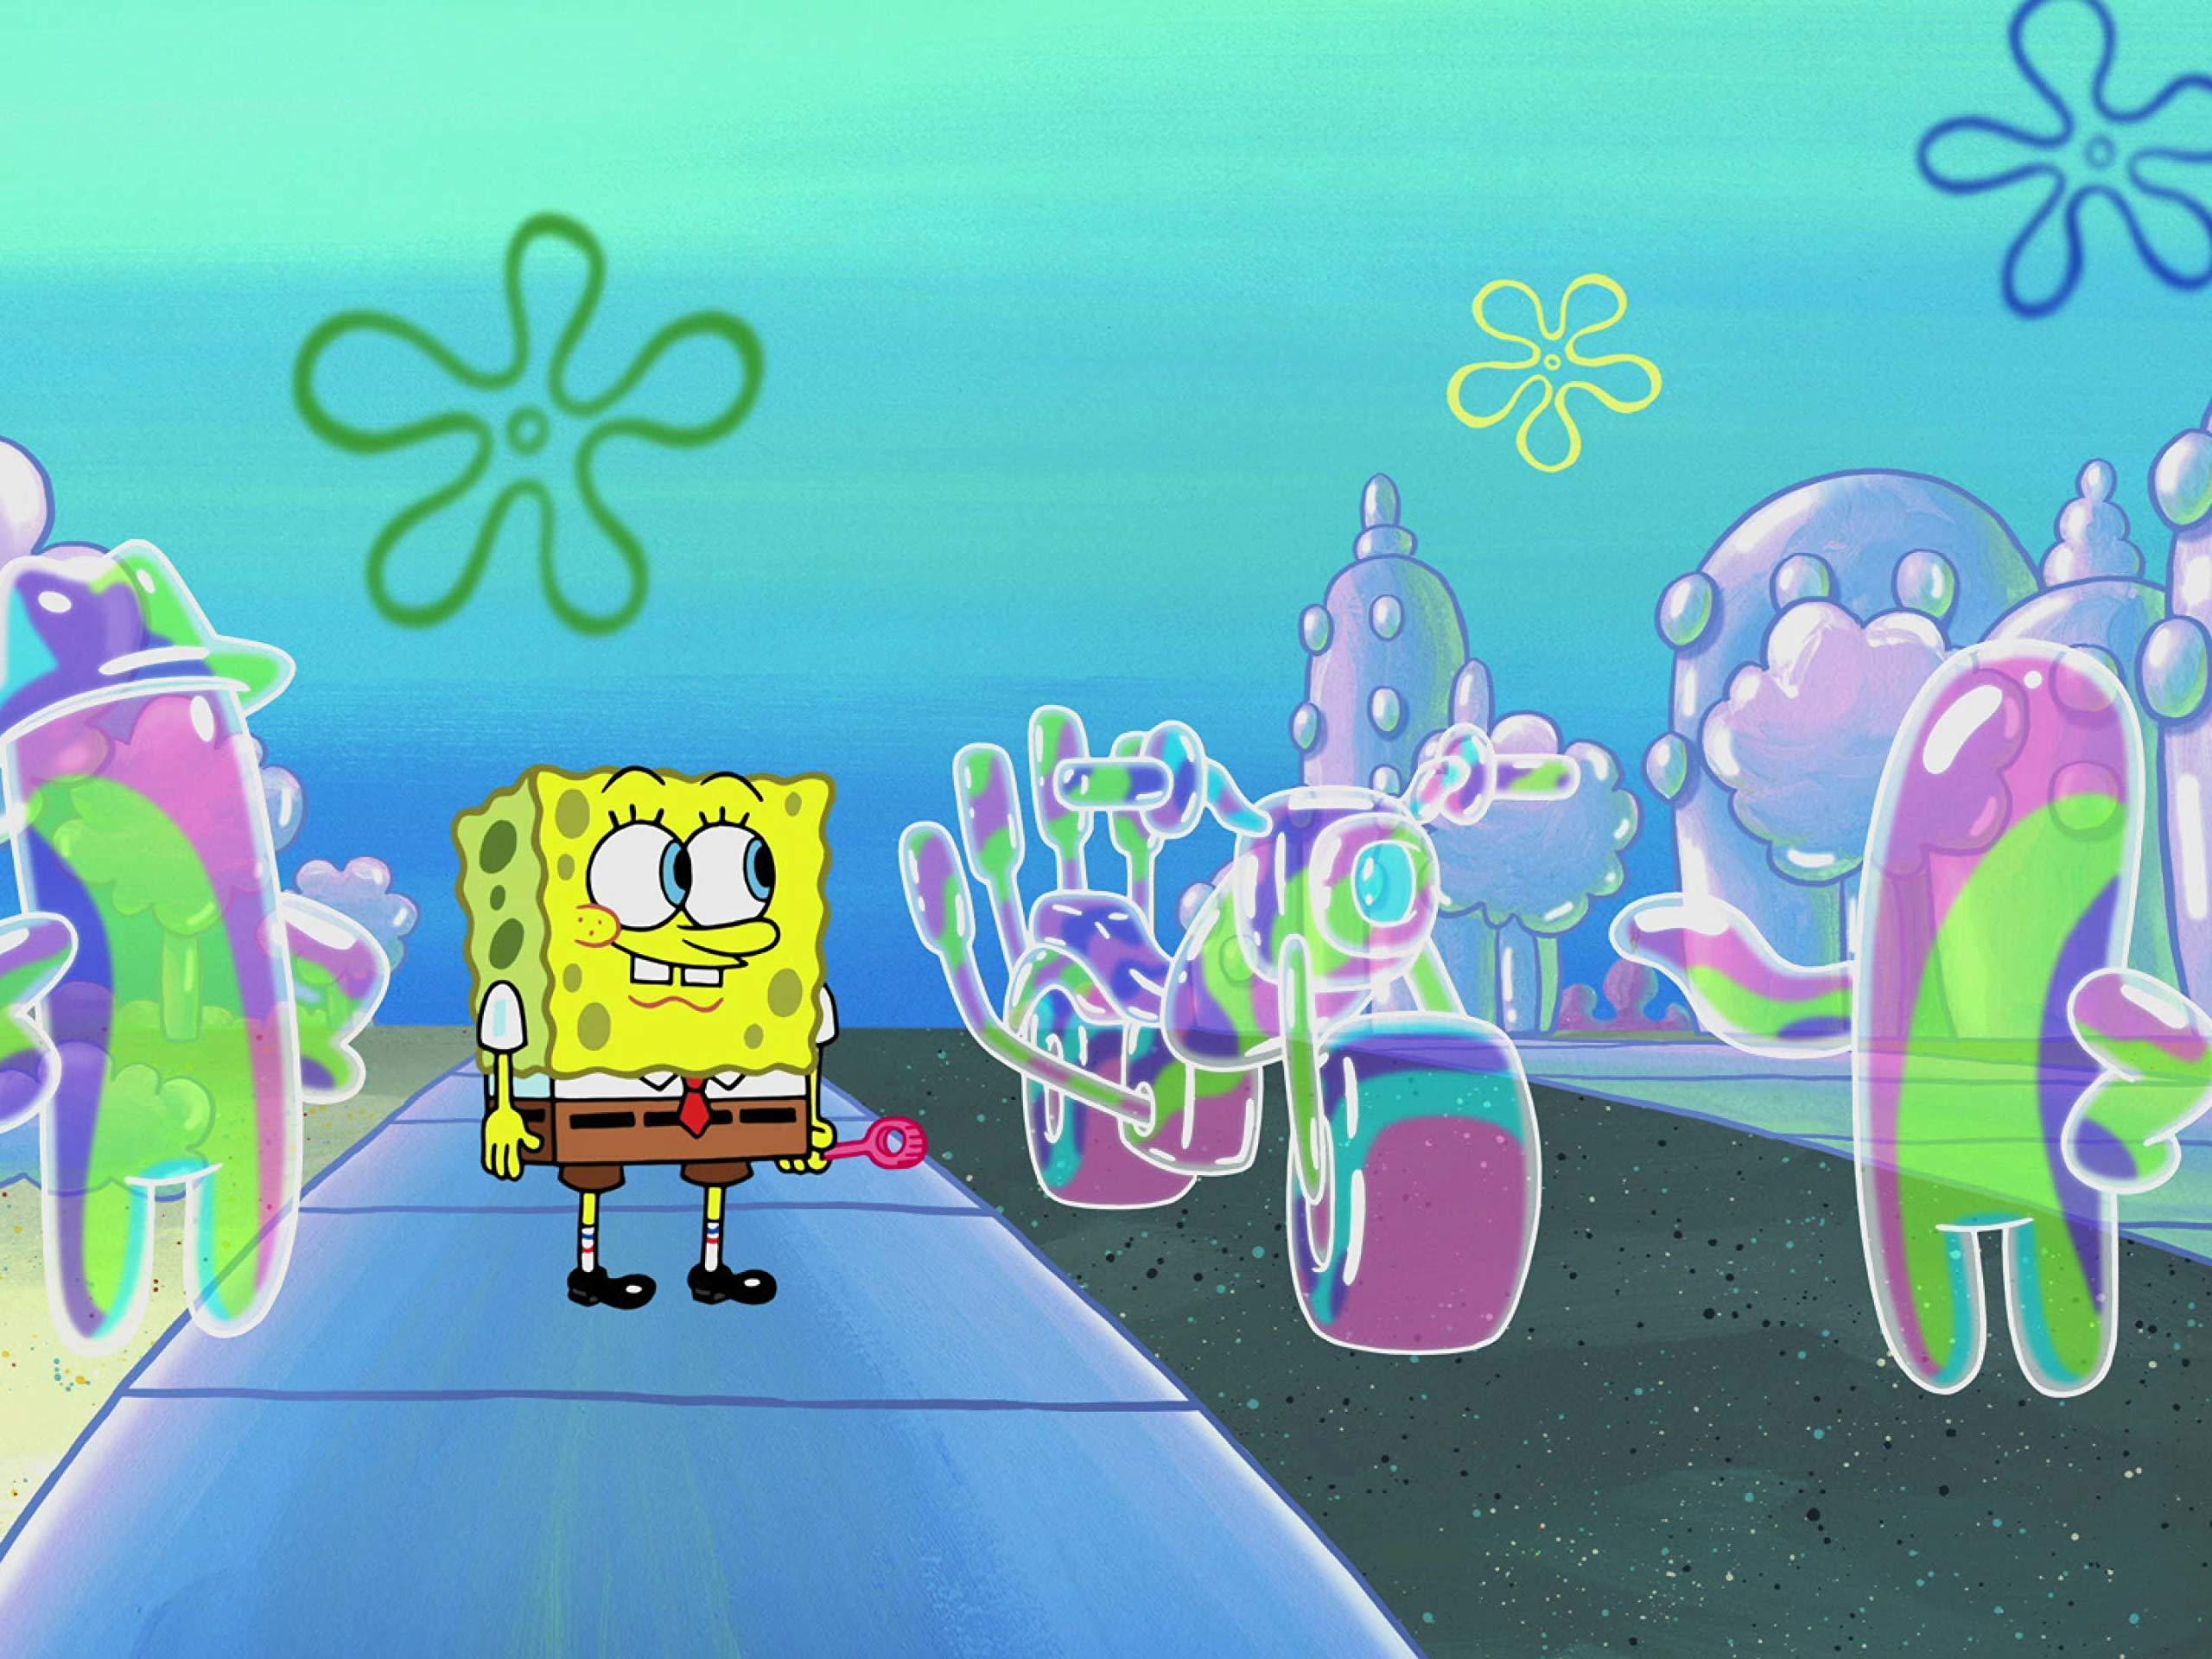 Amazon.de: SpongeBob Schwammkopf - Staffel 11, Teil 4 [dt